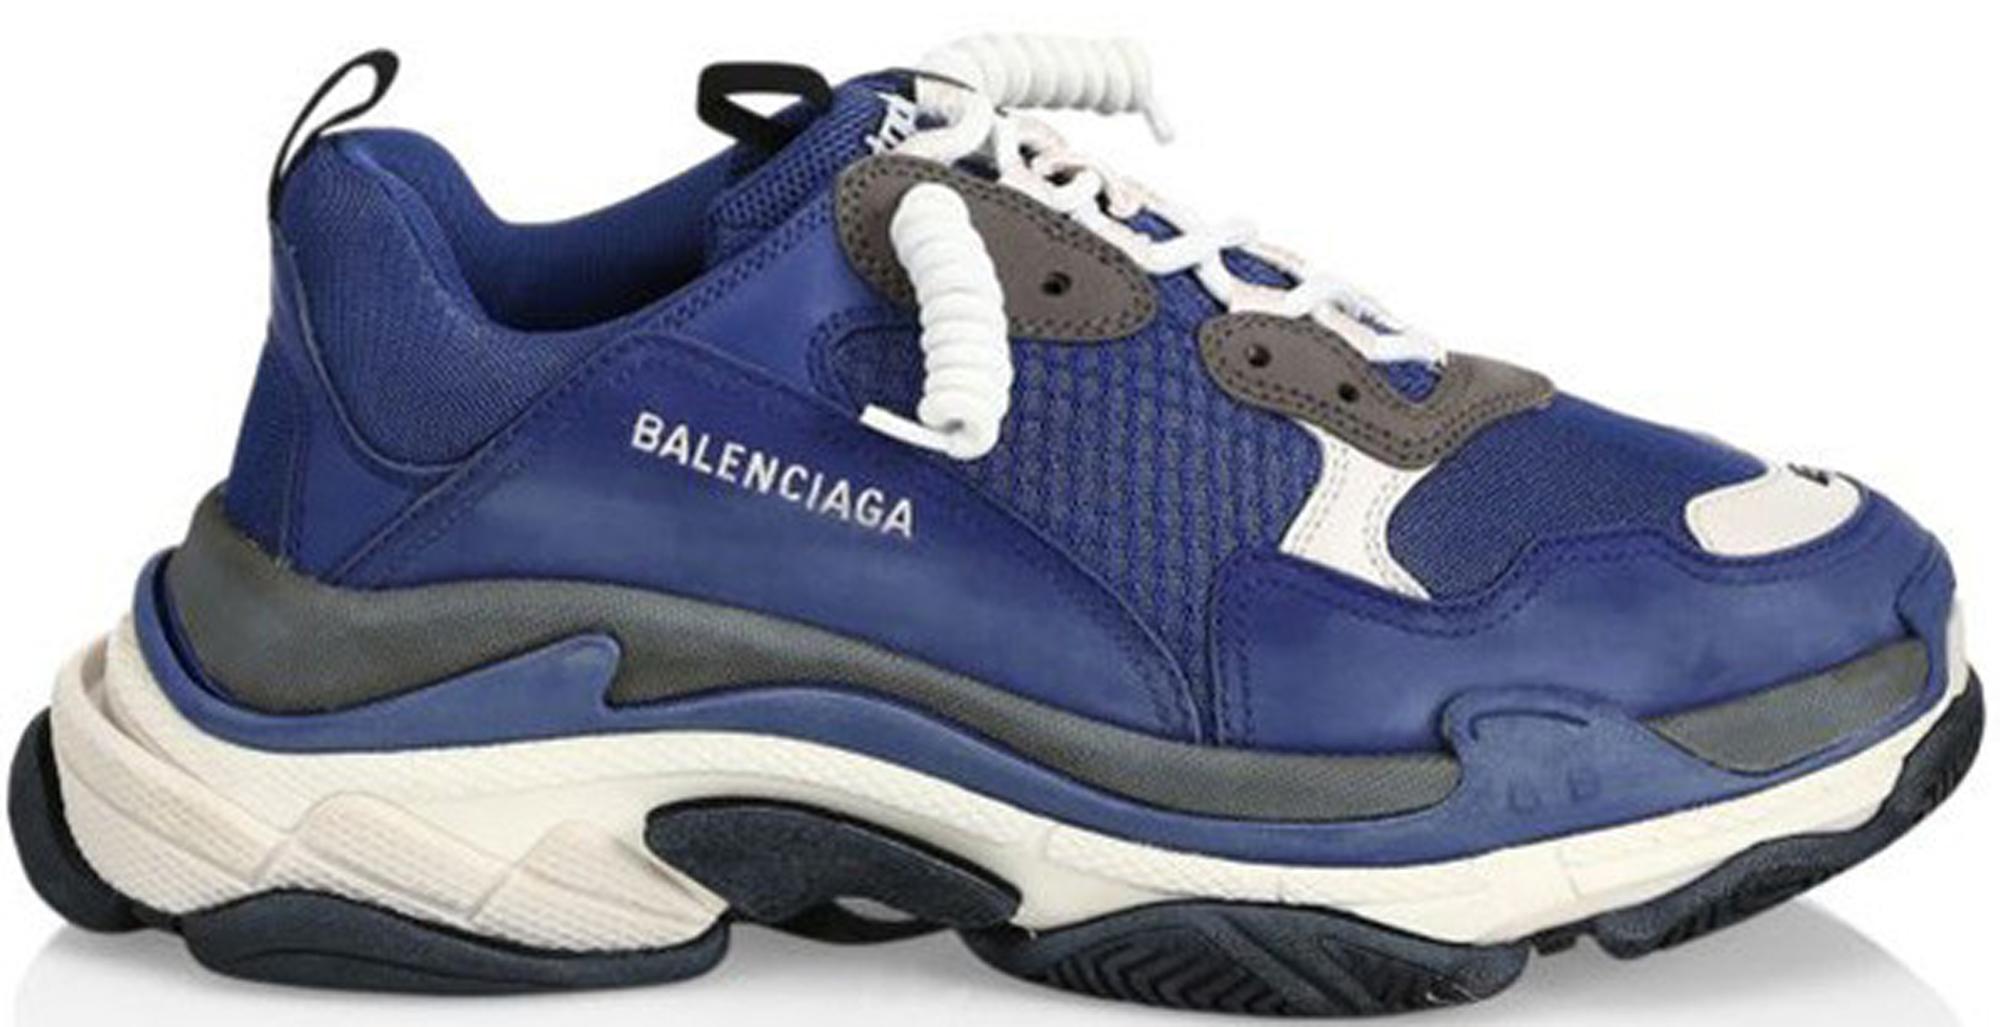 Balenciaga Triple S Navy - Sneakers